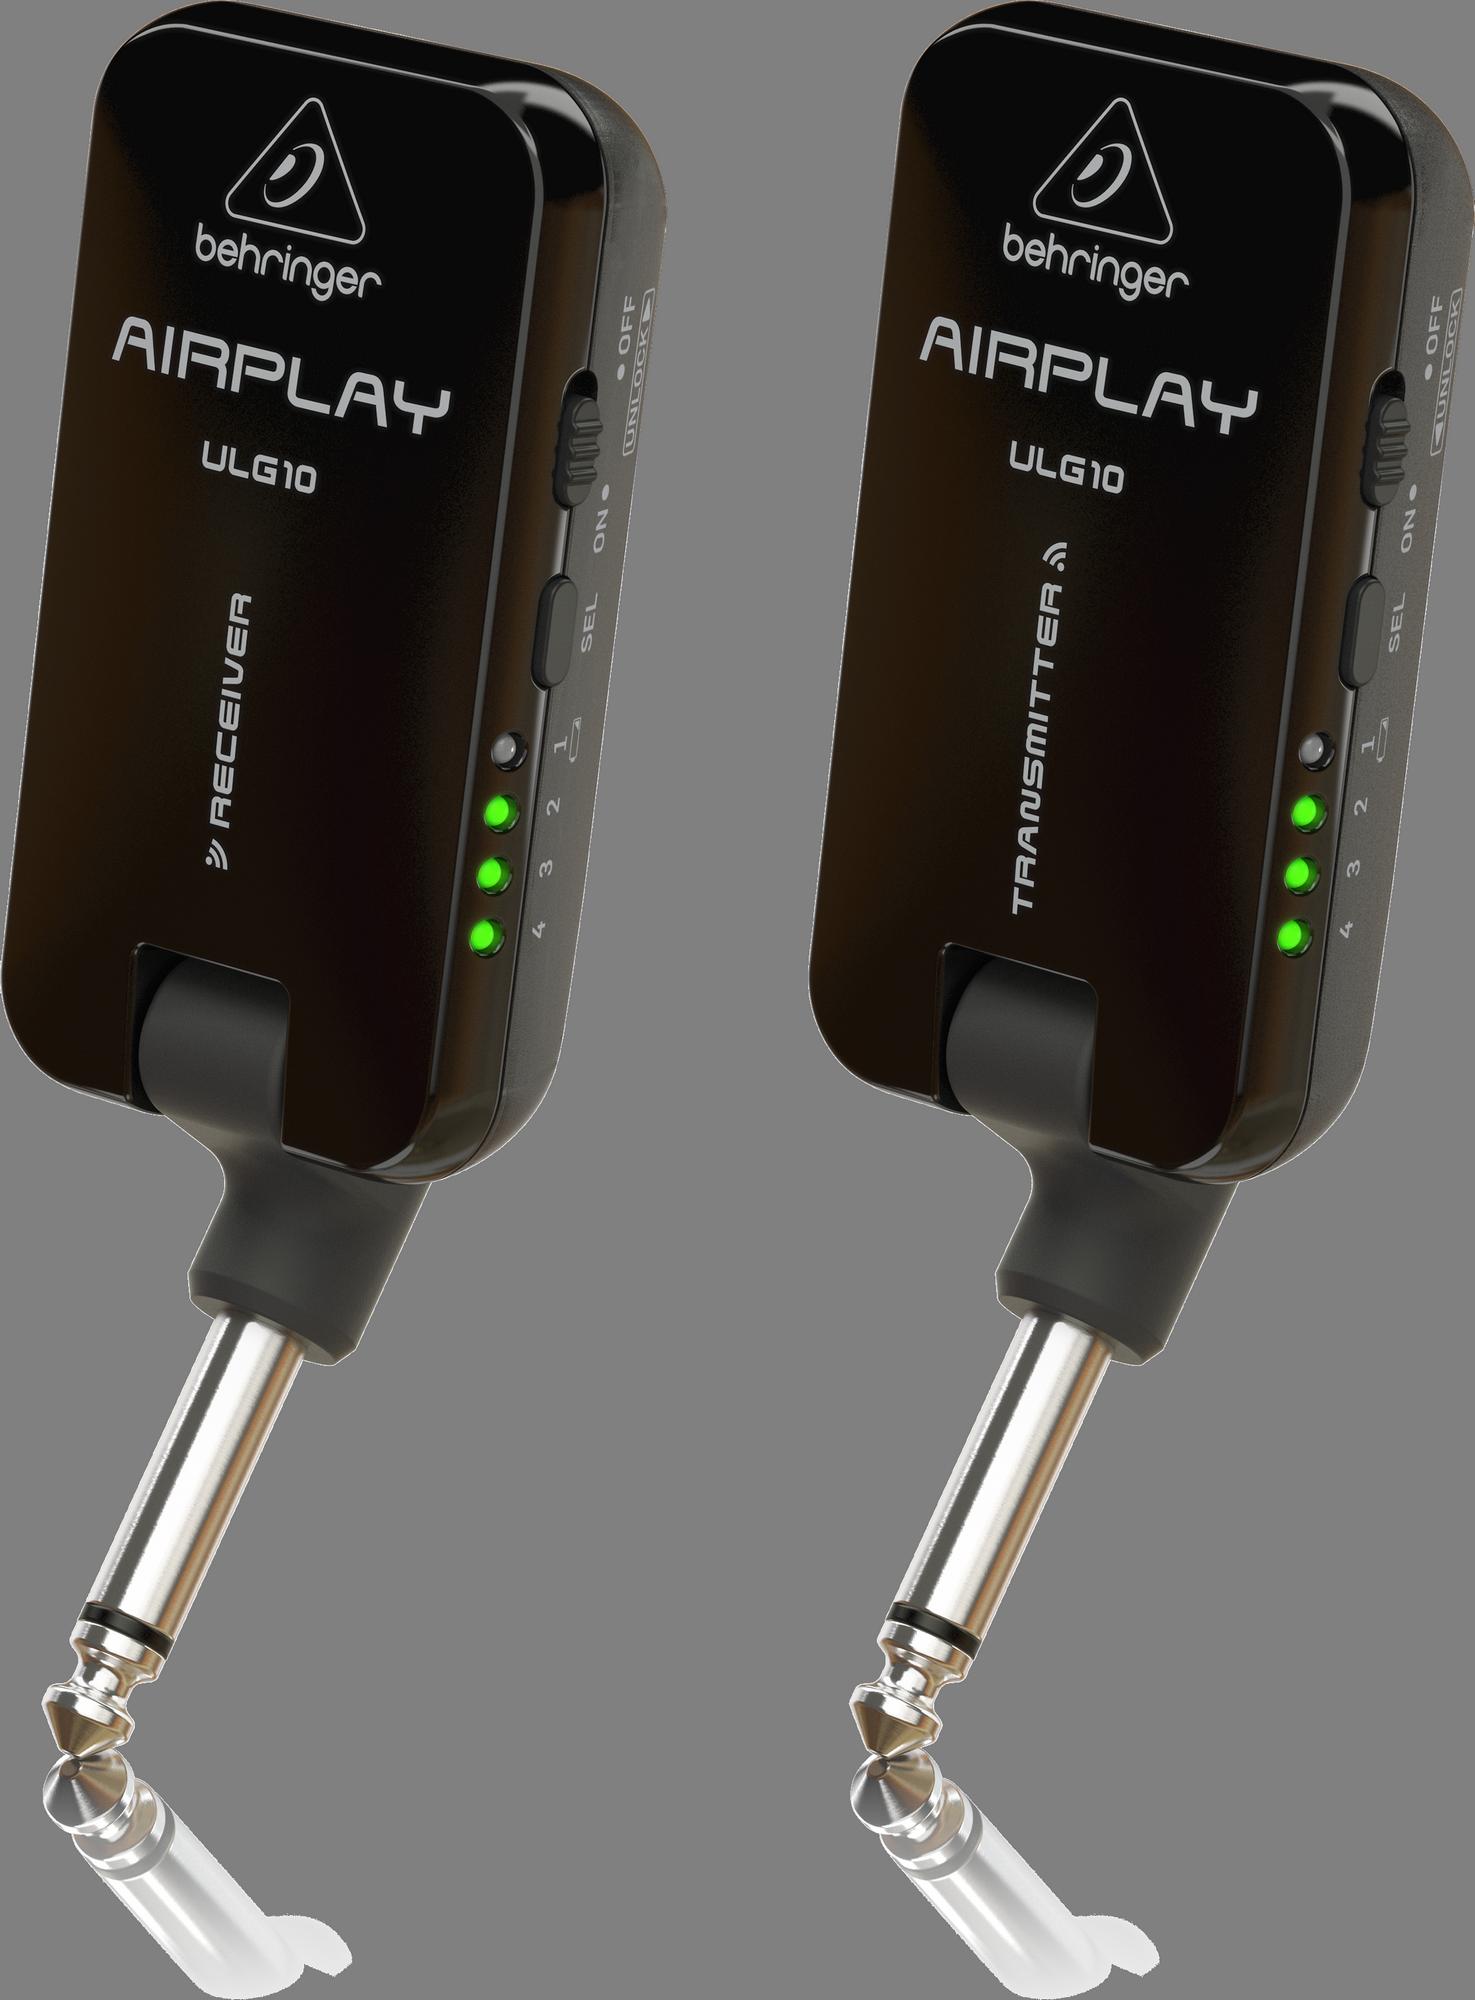 Behringer AIRPLAY GUITAR ULG10 - Draadloze zender/ontvanger